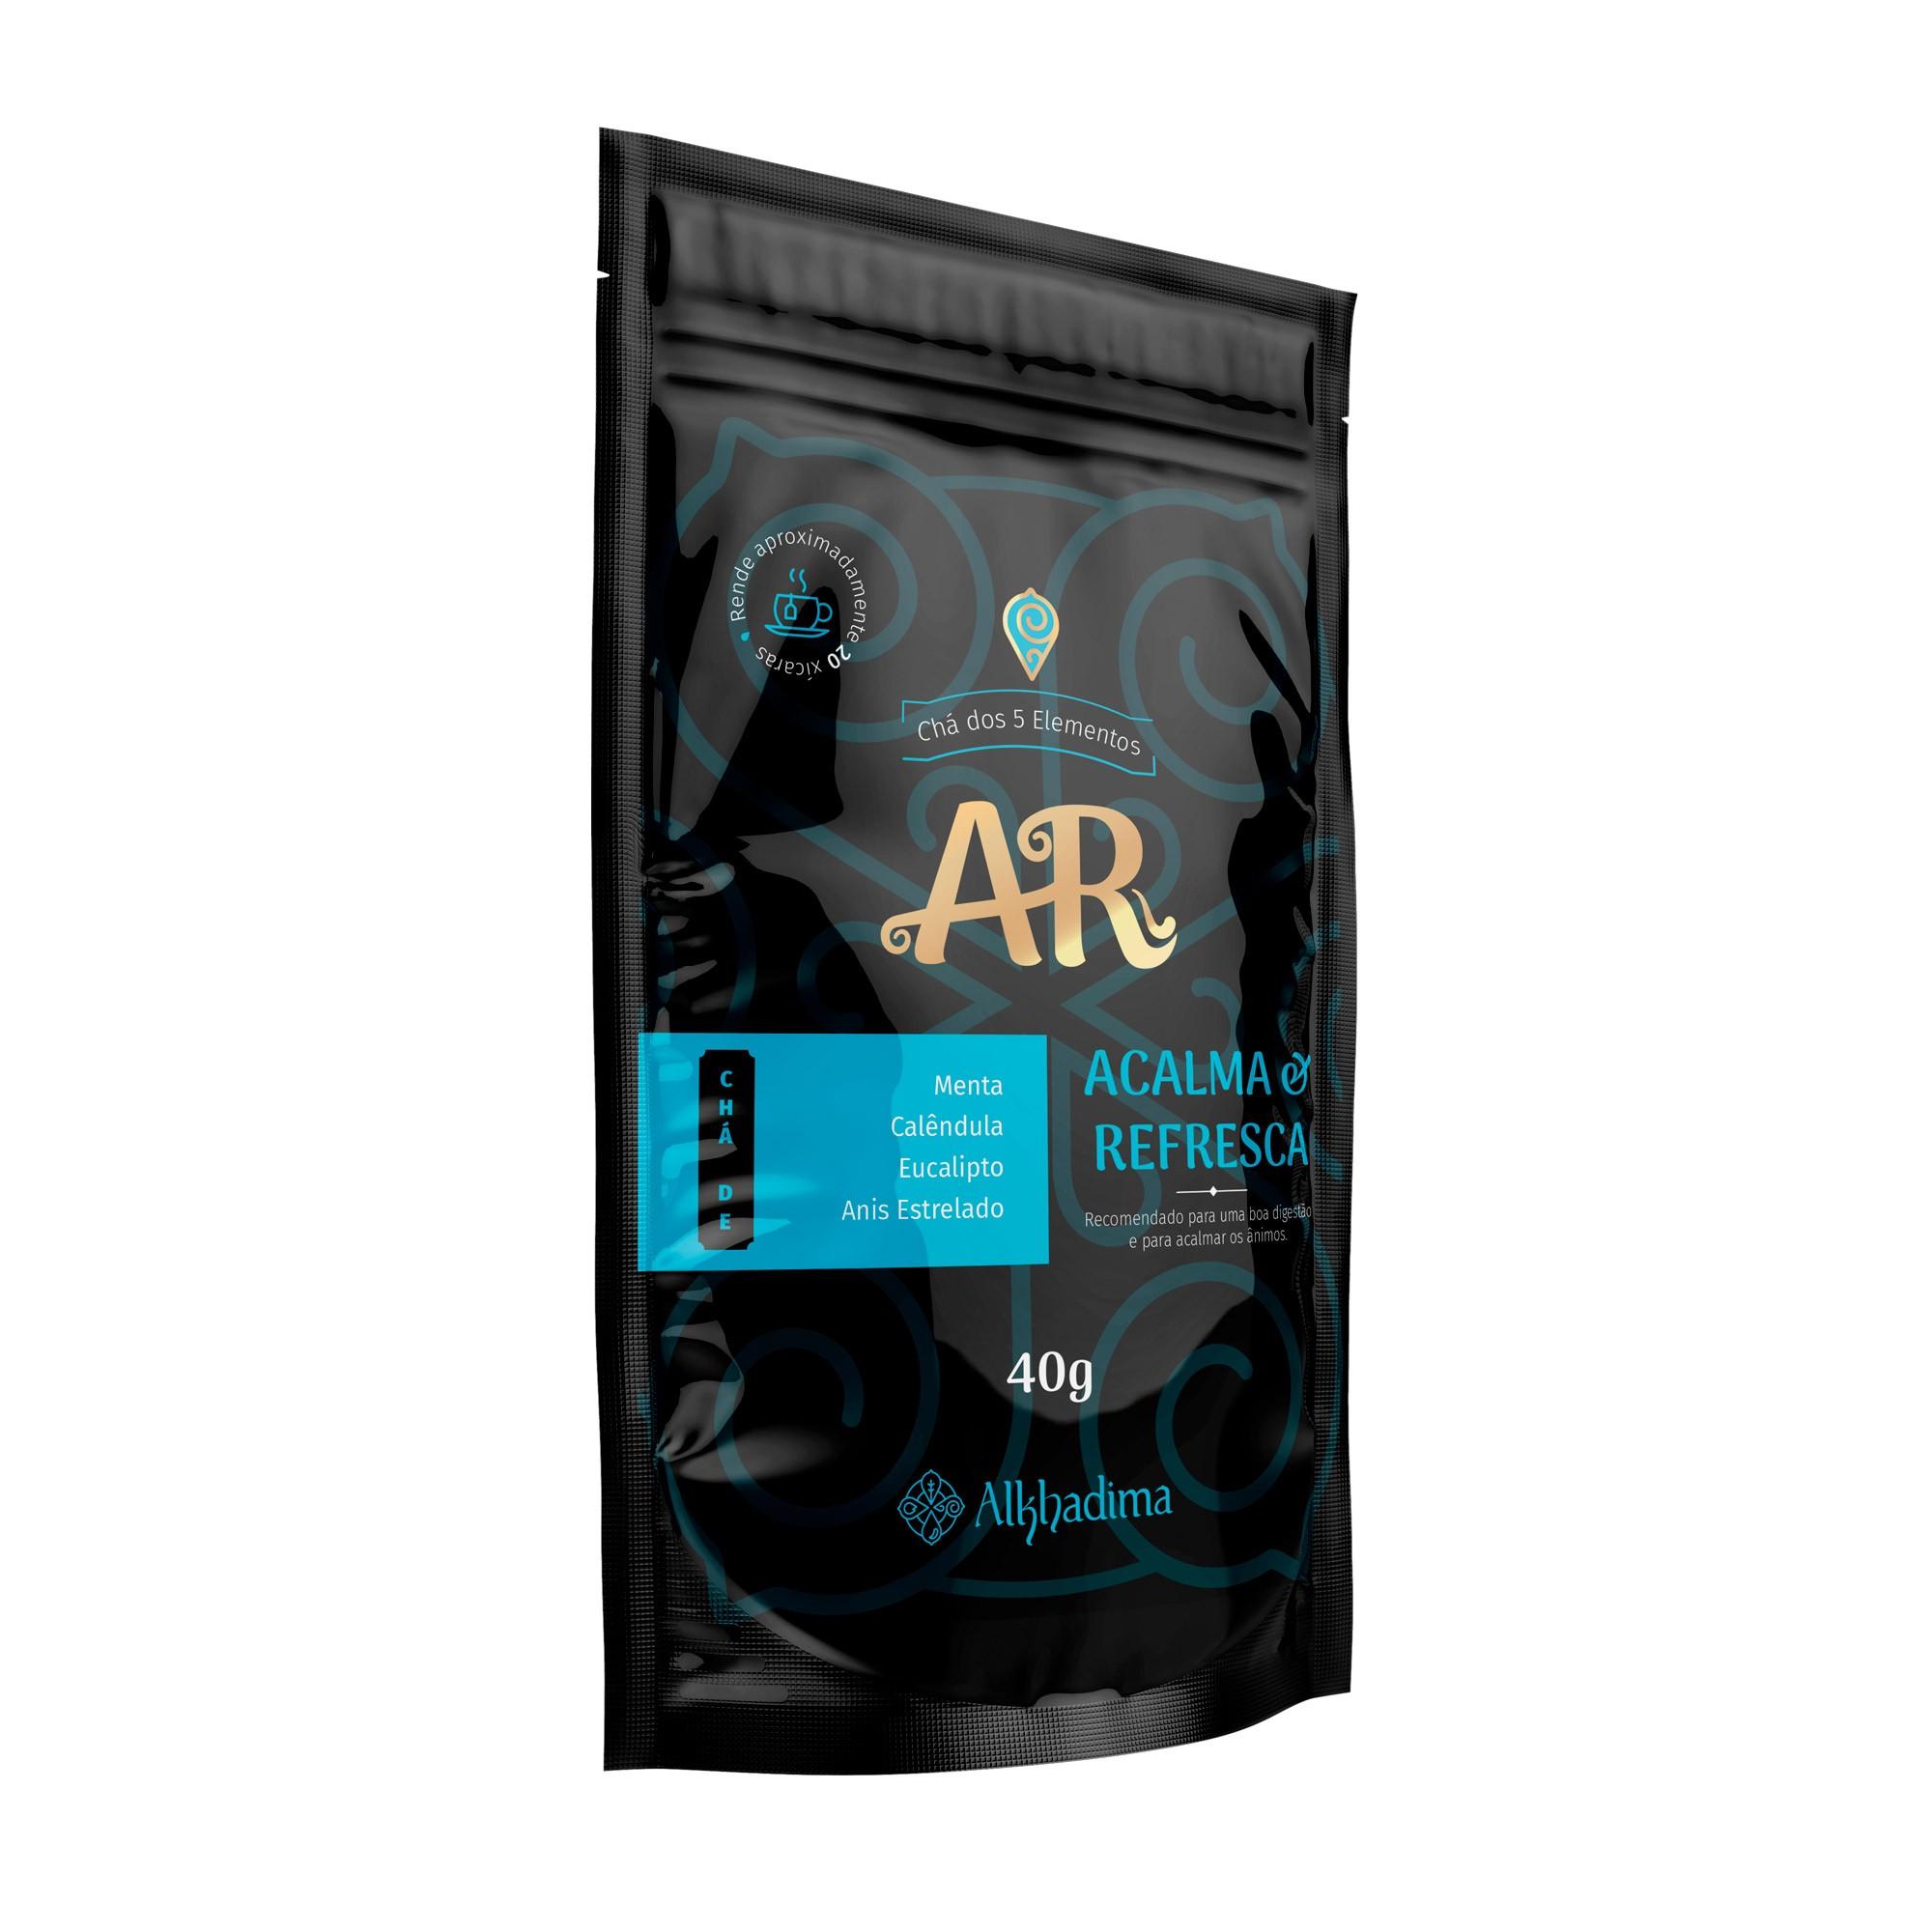 Chá dos 5 Elementos: Ar 40g Alkhadima